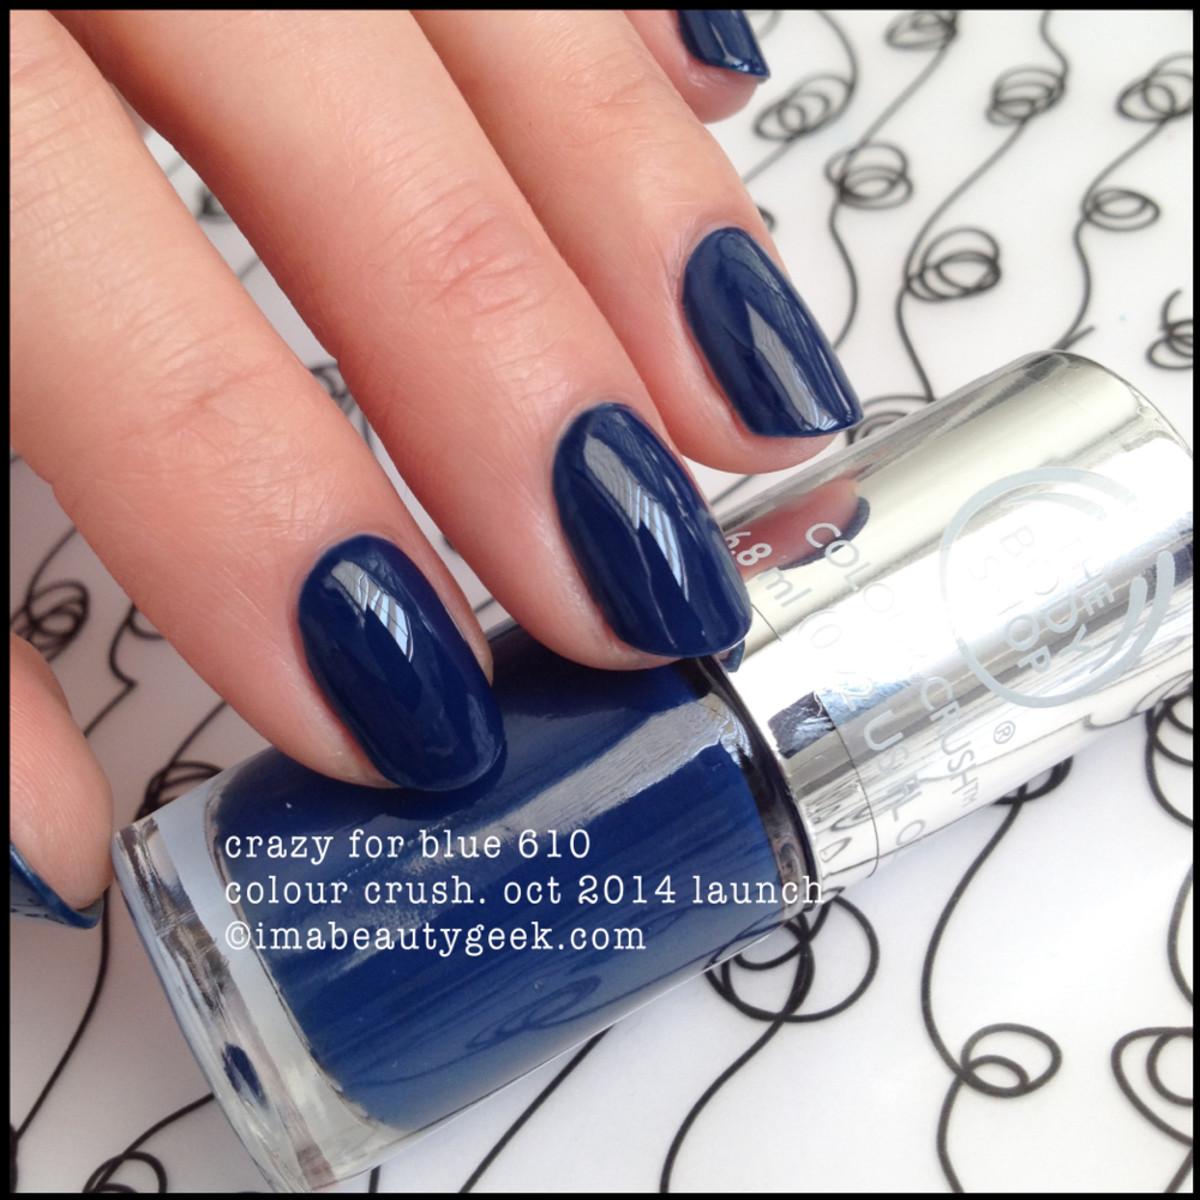 Body Shop Polish Crazy for Blue 610 Colour Crush